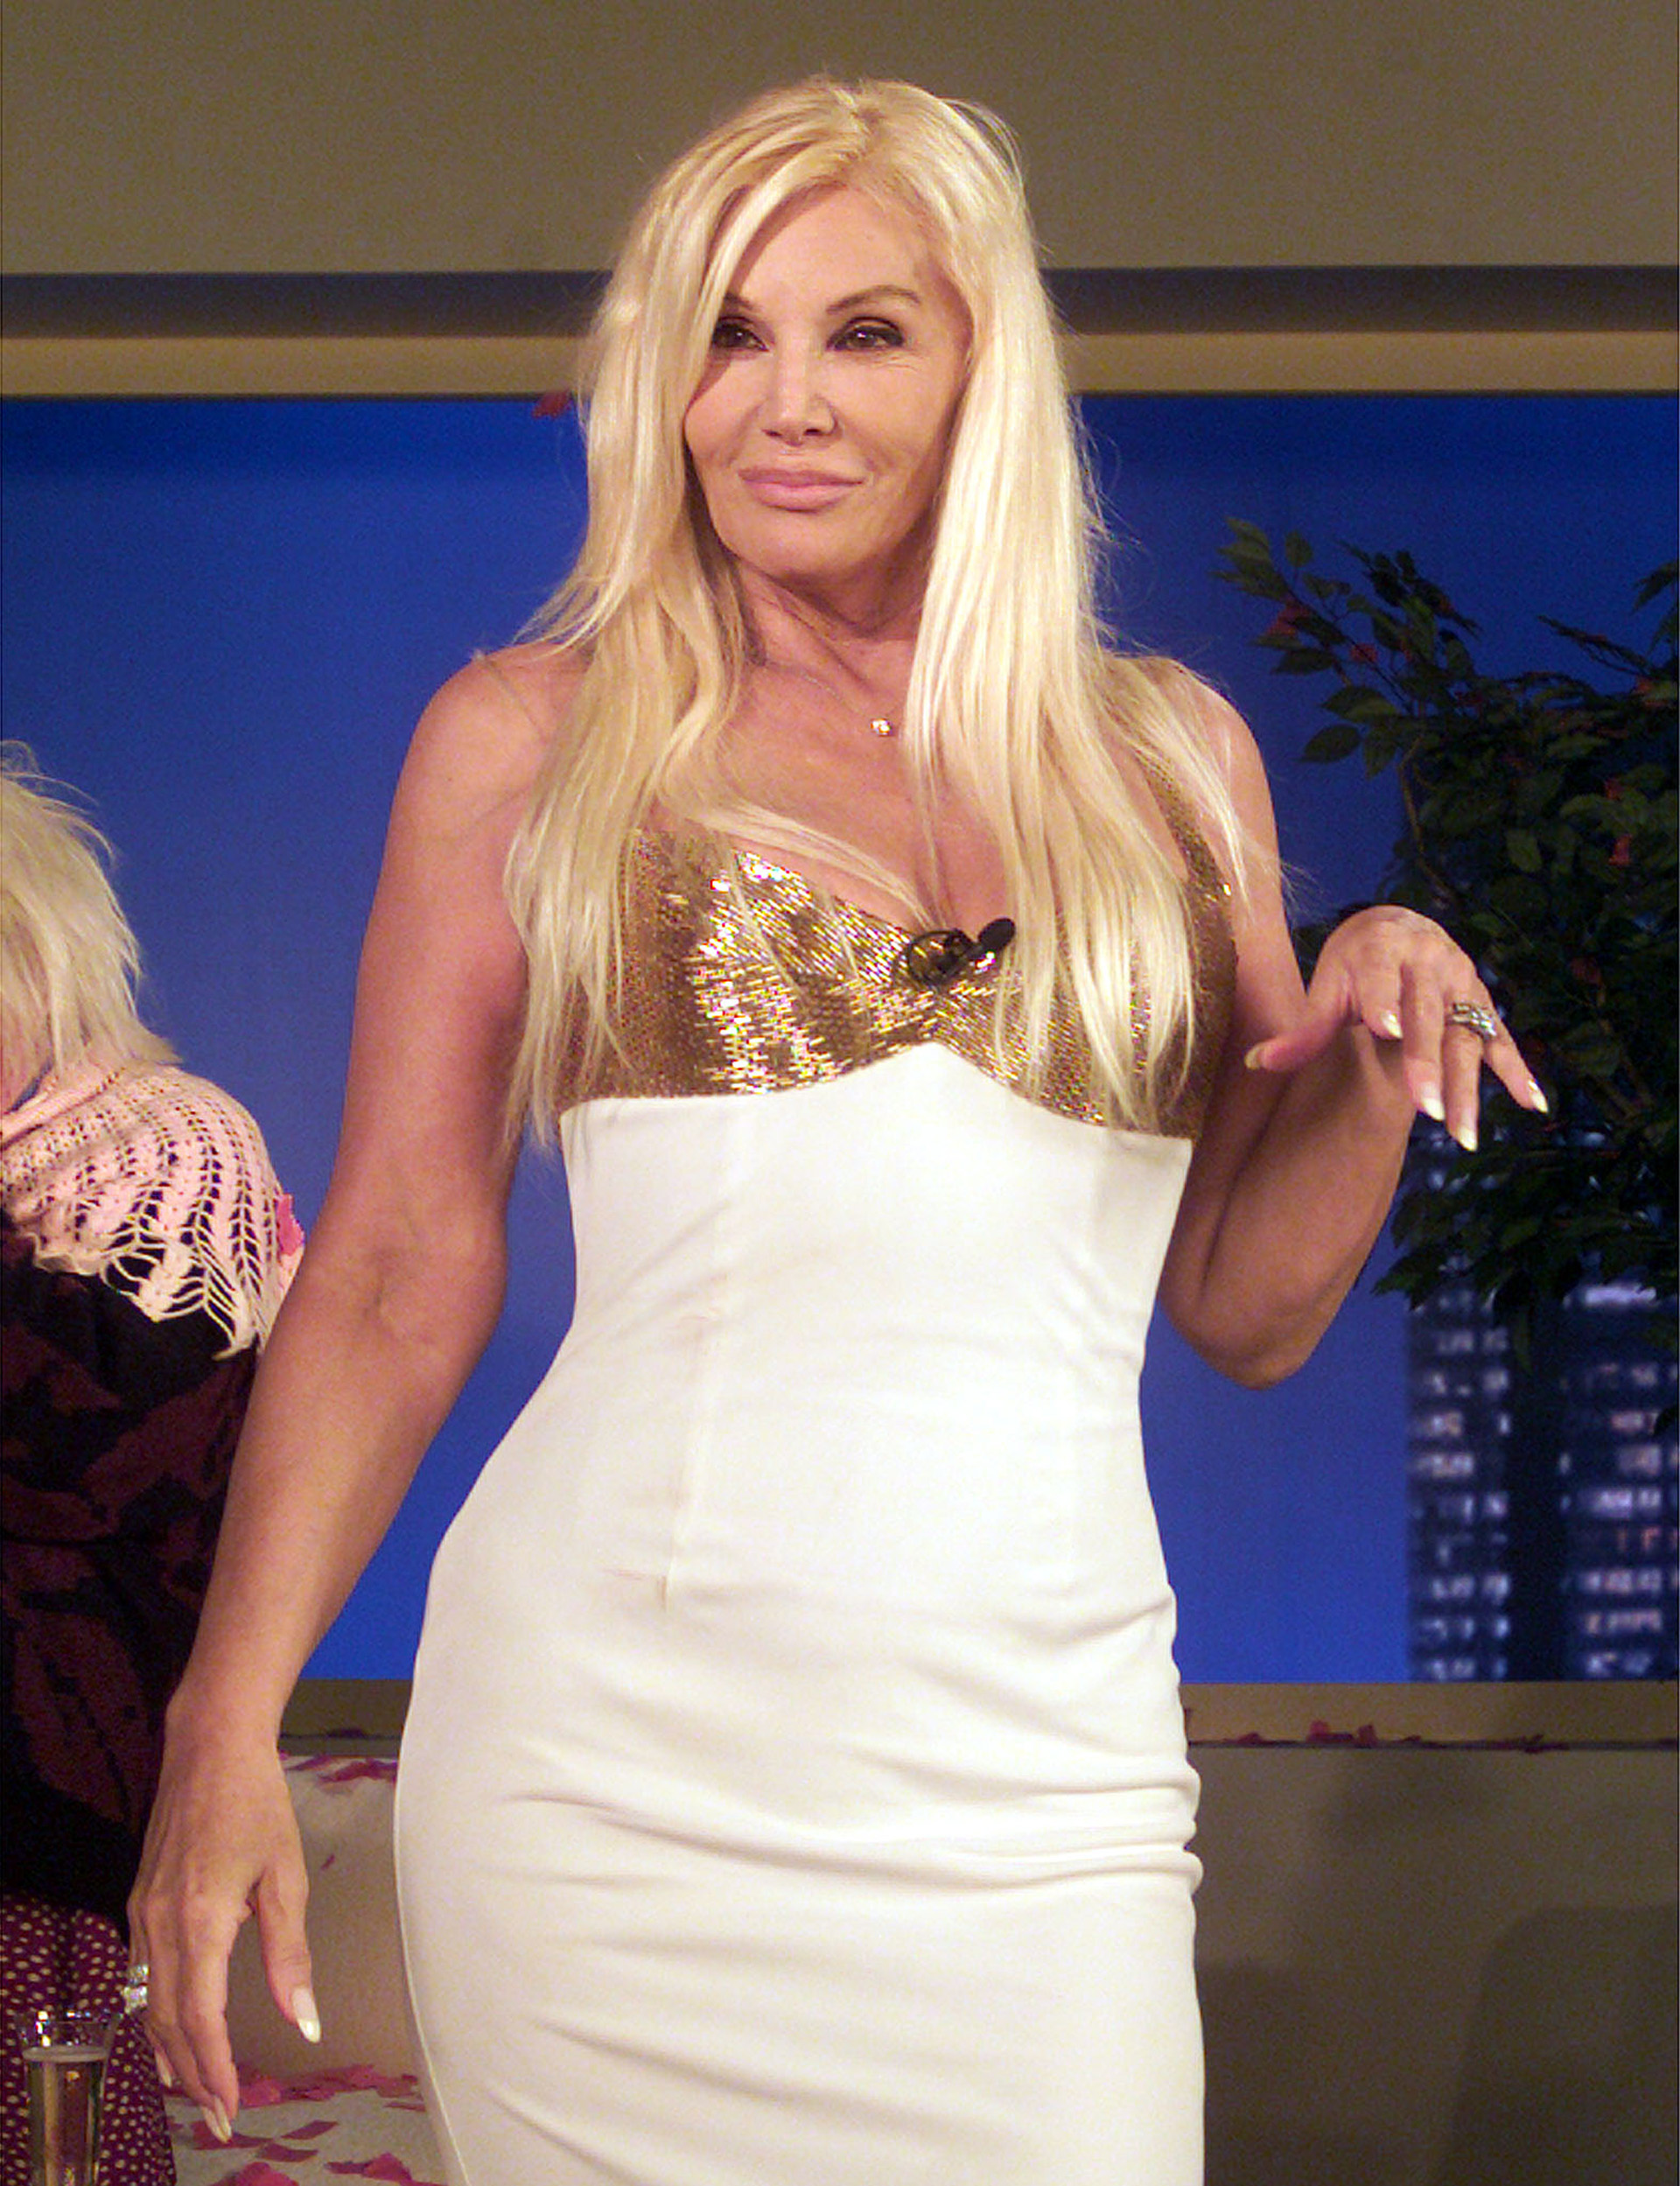 En el 2004 Susana recibió a su intimo amigo Julio Iglesias con un strapless blanco con ballenas y bordado de lentejuelas en el corpiño con un gran escote. Su clásica cadena de un cristal pequeño y anillos de su colección personal de joyas